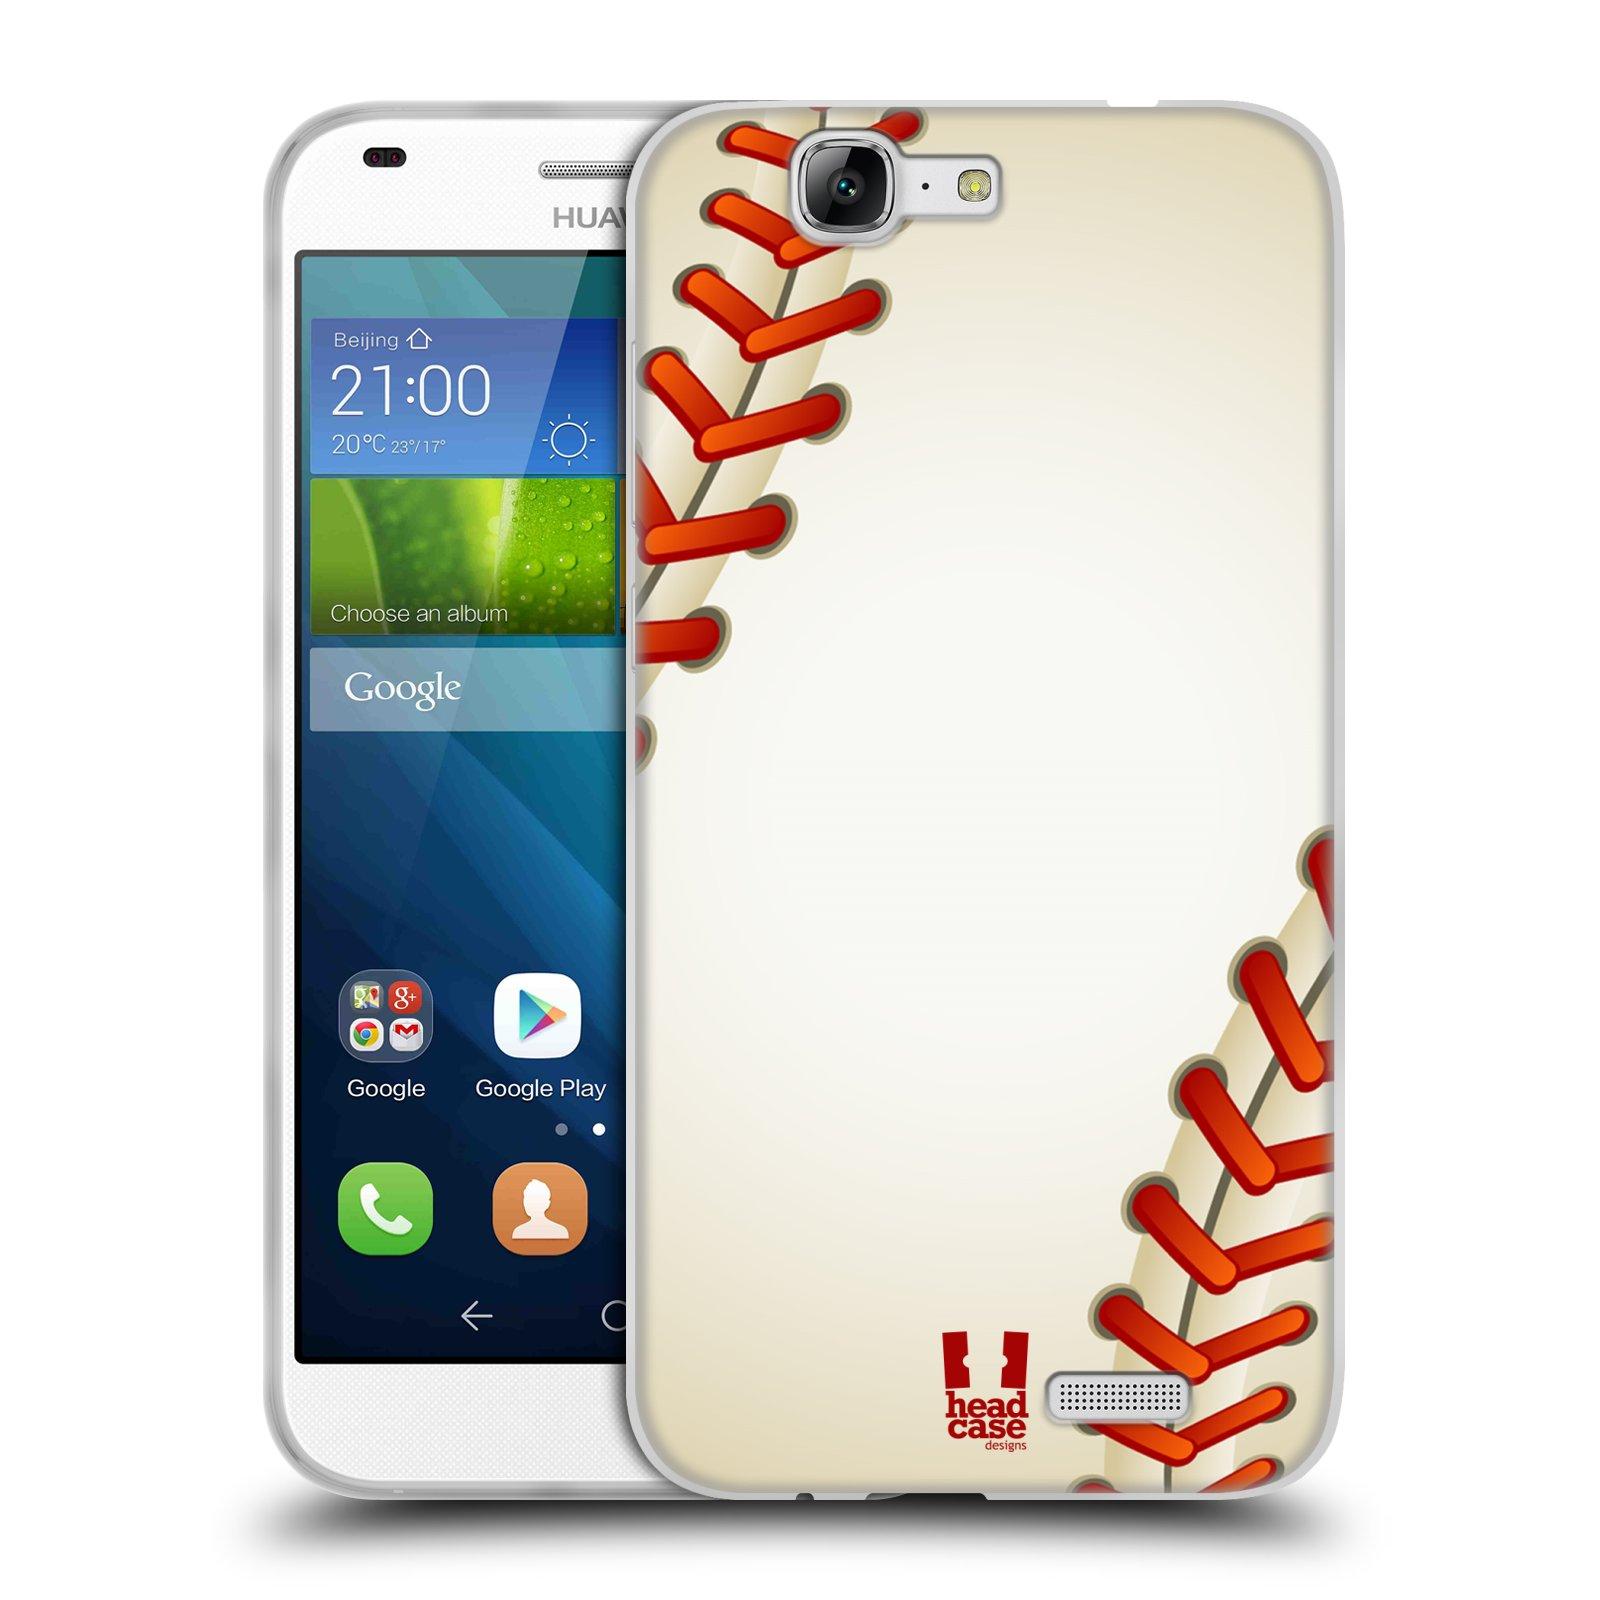 Silikonové pouzdro na mobil Huawei Ascend G7 HEAD CASE KRIKEŤÁK (Silikonový kryt či obal na mobilní telefon Huawei Ascend G7)